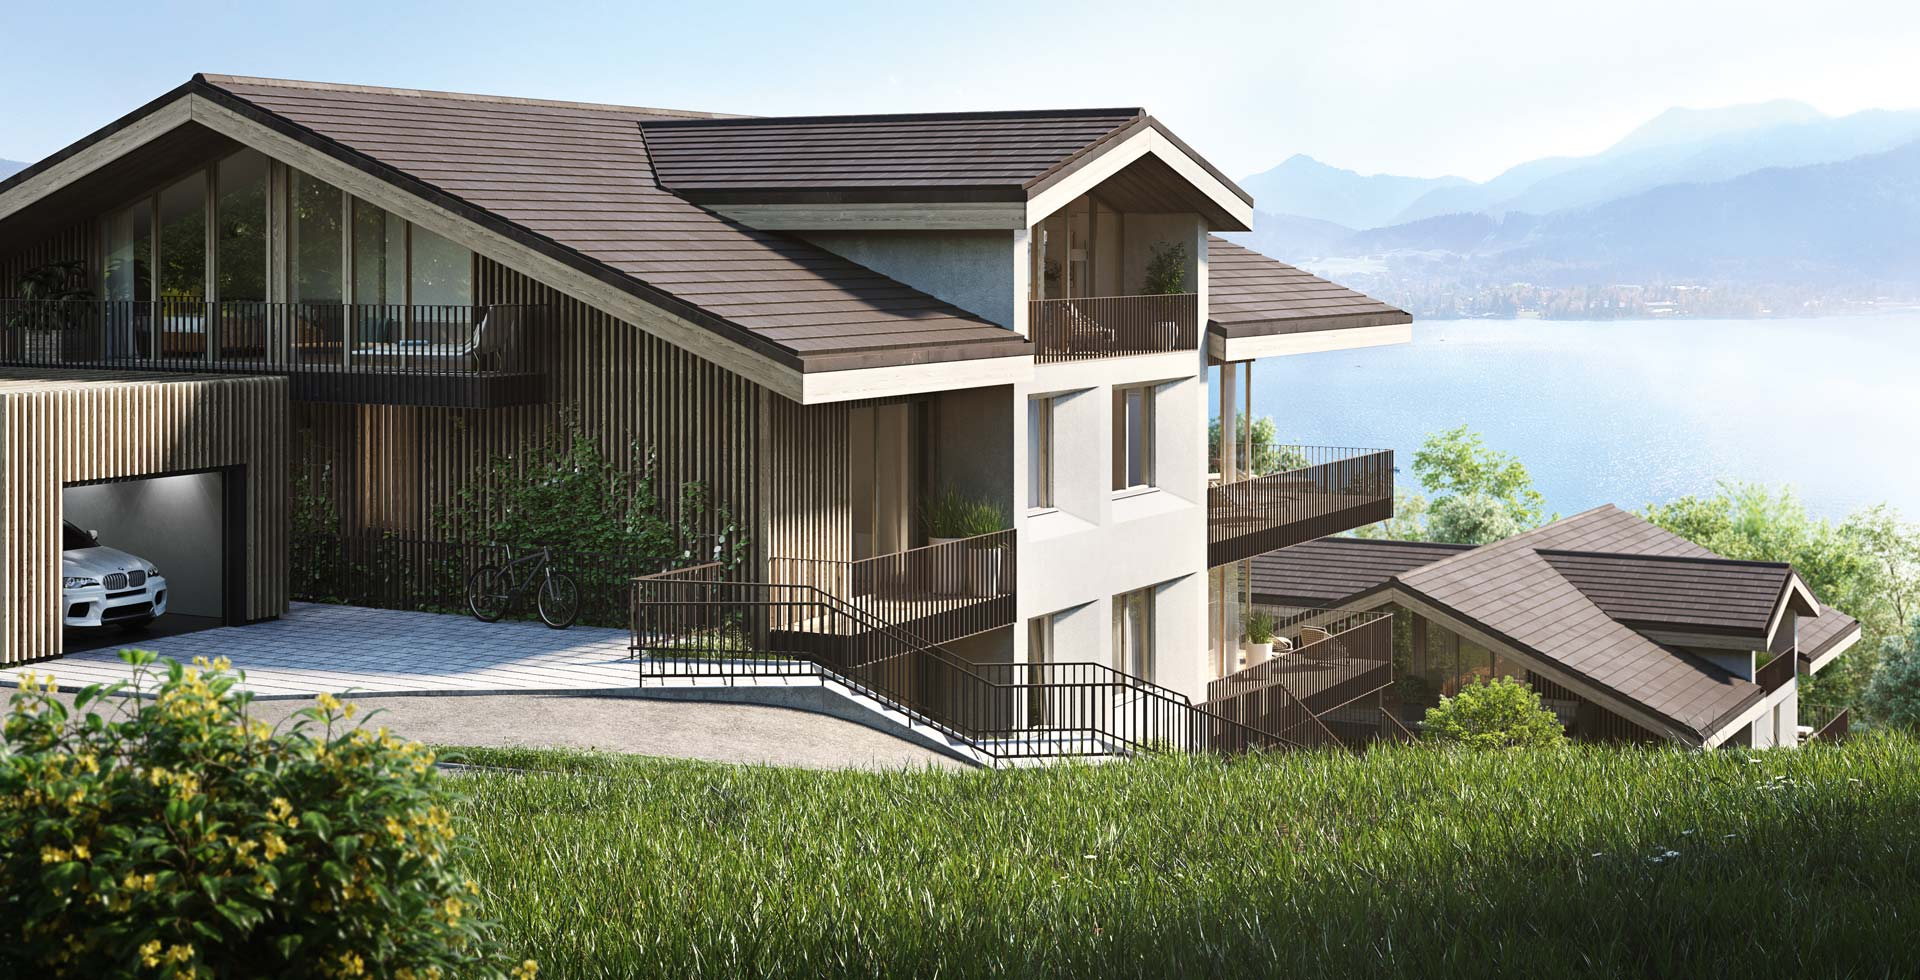 LHOMES_Neubauimmobilie_Klosterwachtstr-Tegernsee-Architektur-2-Aussen